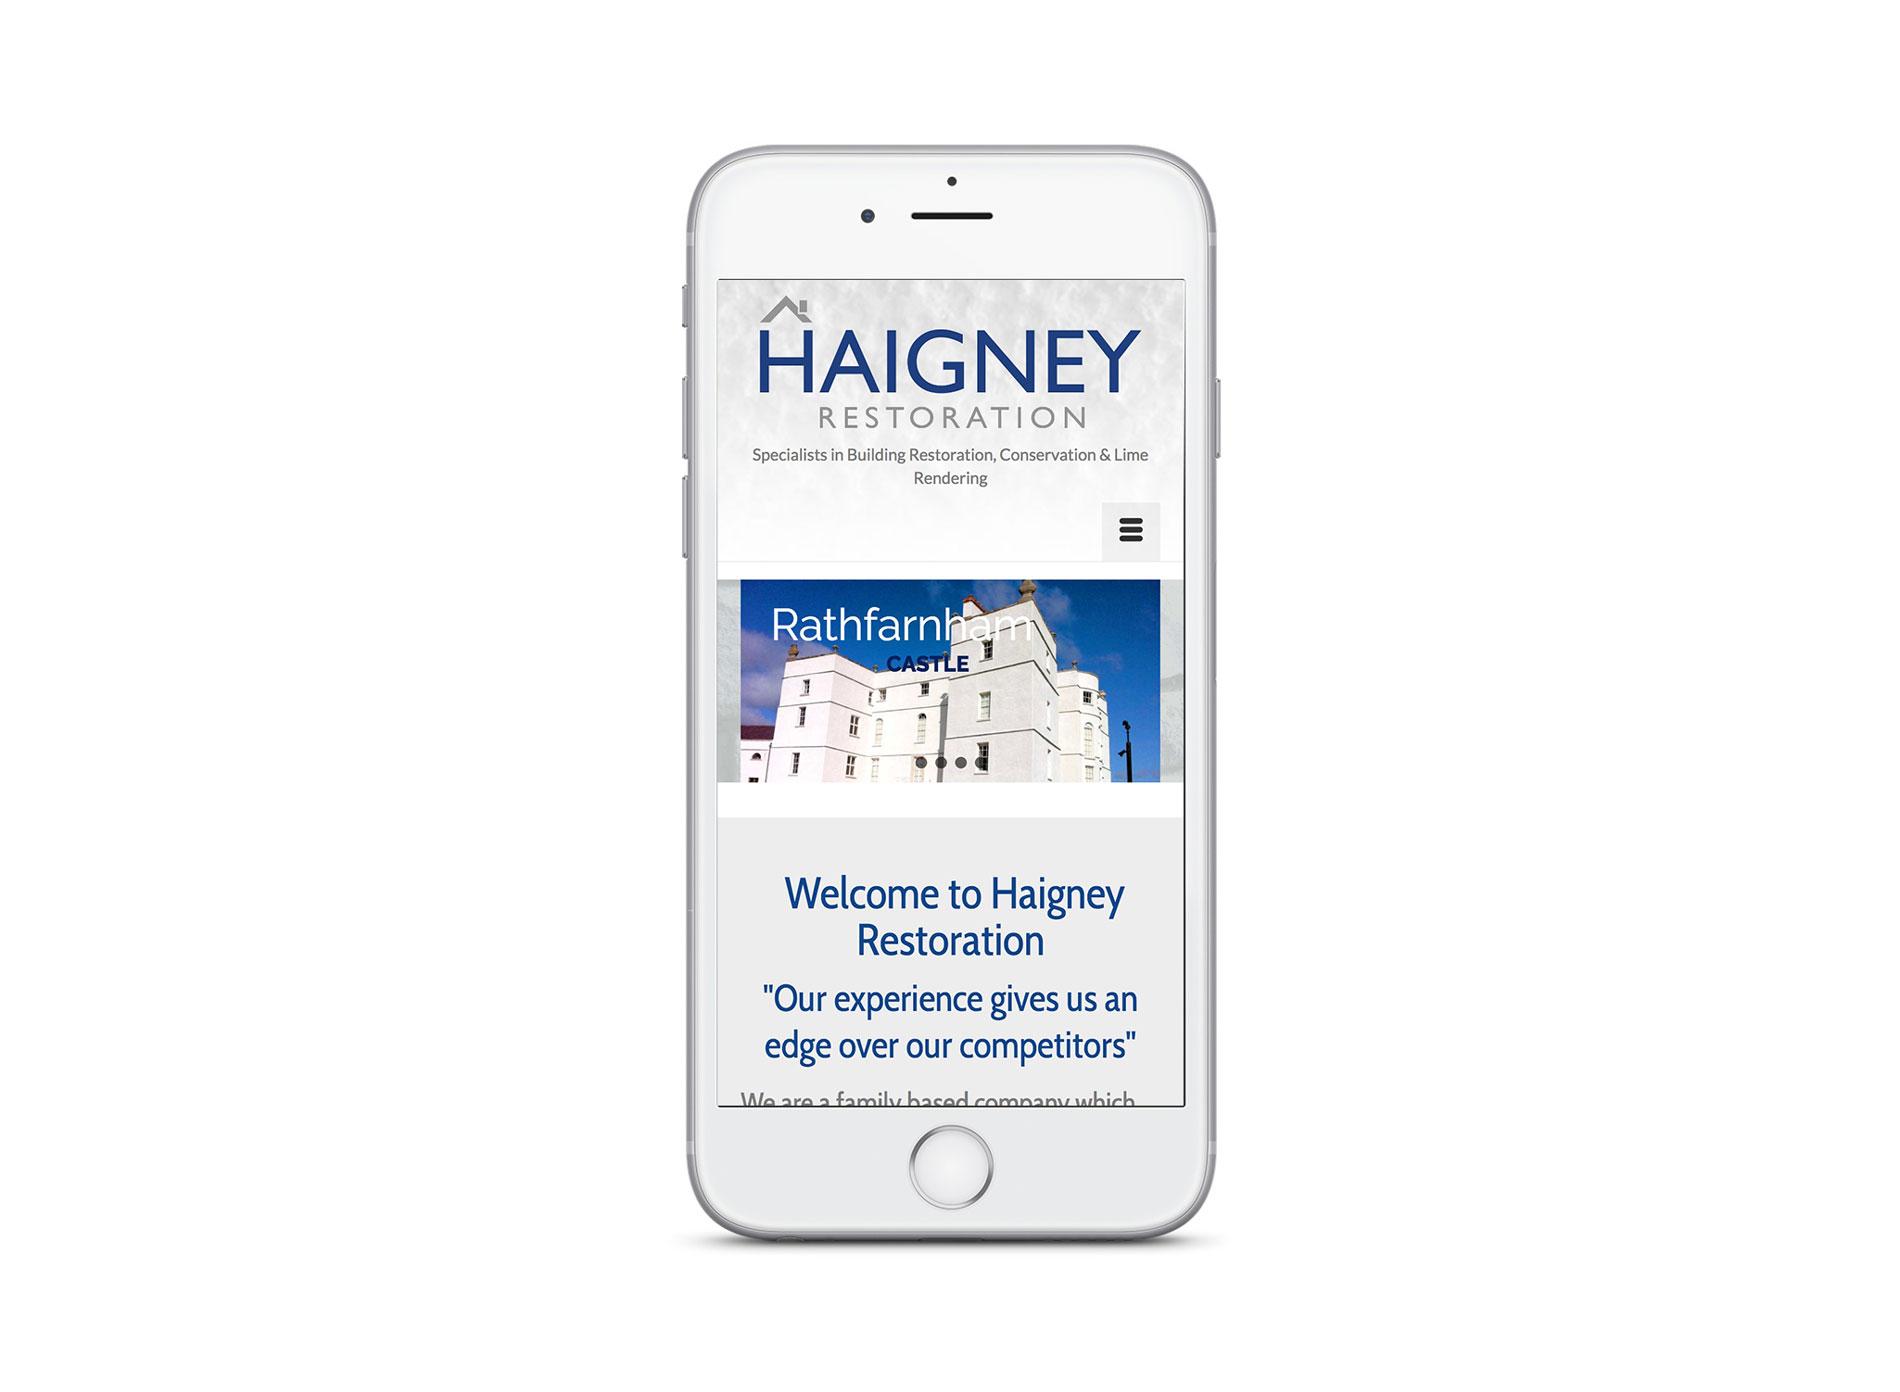 Haigney Restoration